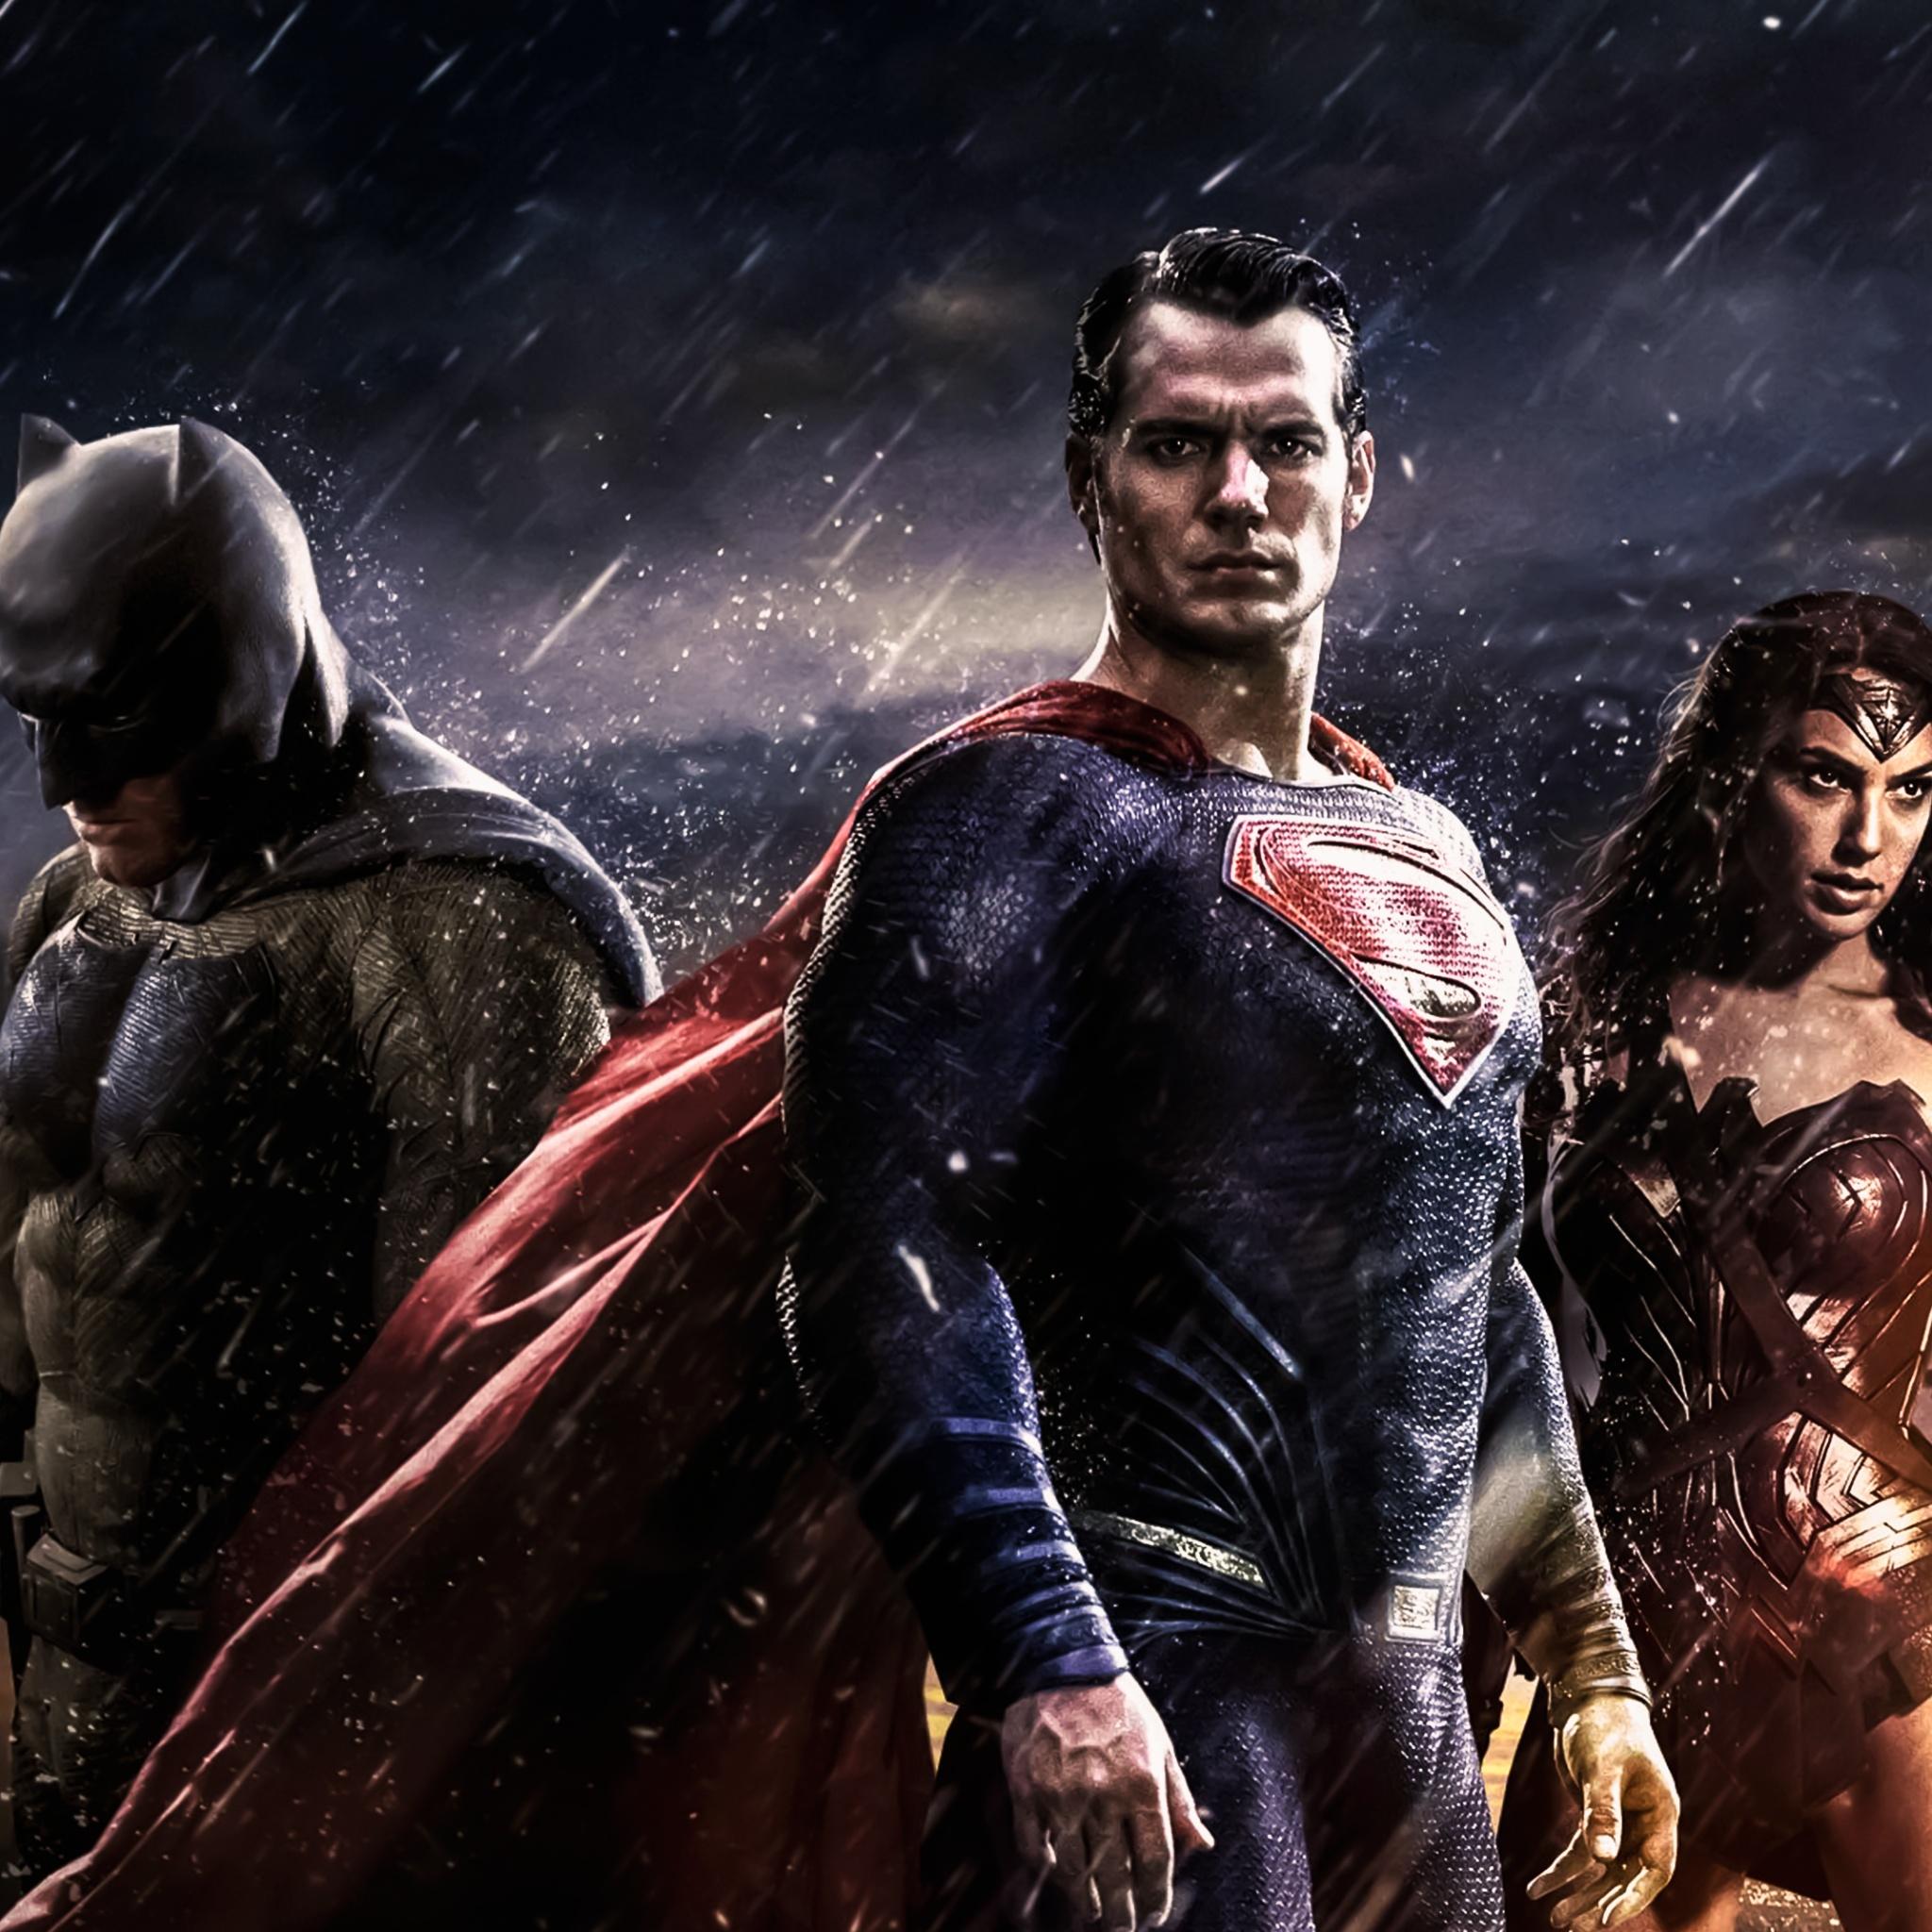 Hd Wallpapers De De Superman Vs Batman 2141997 Hd Wallpaper